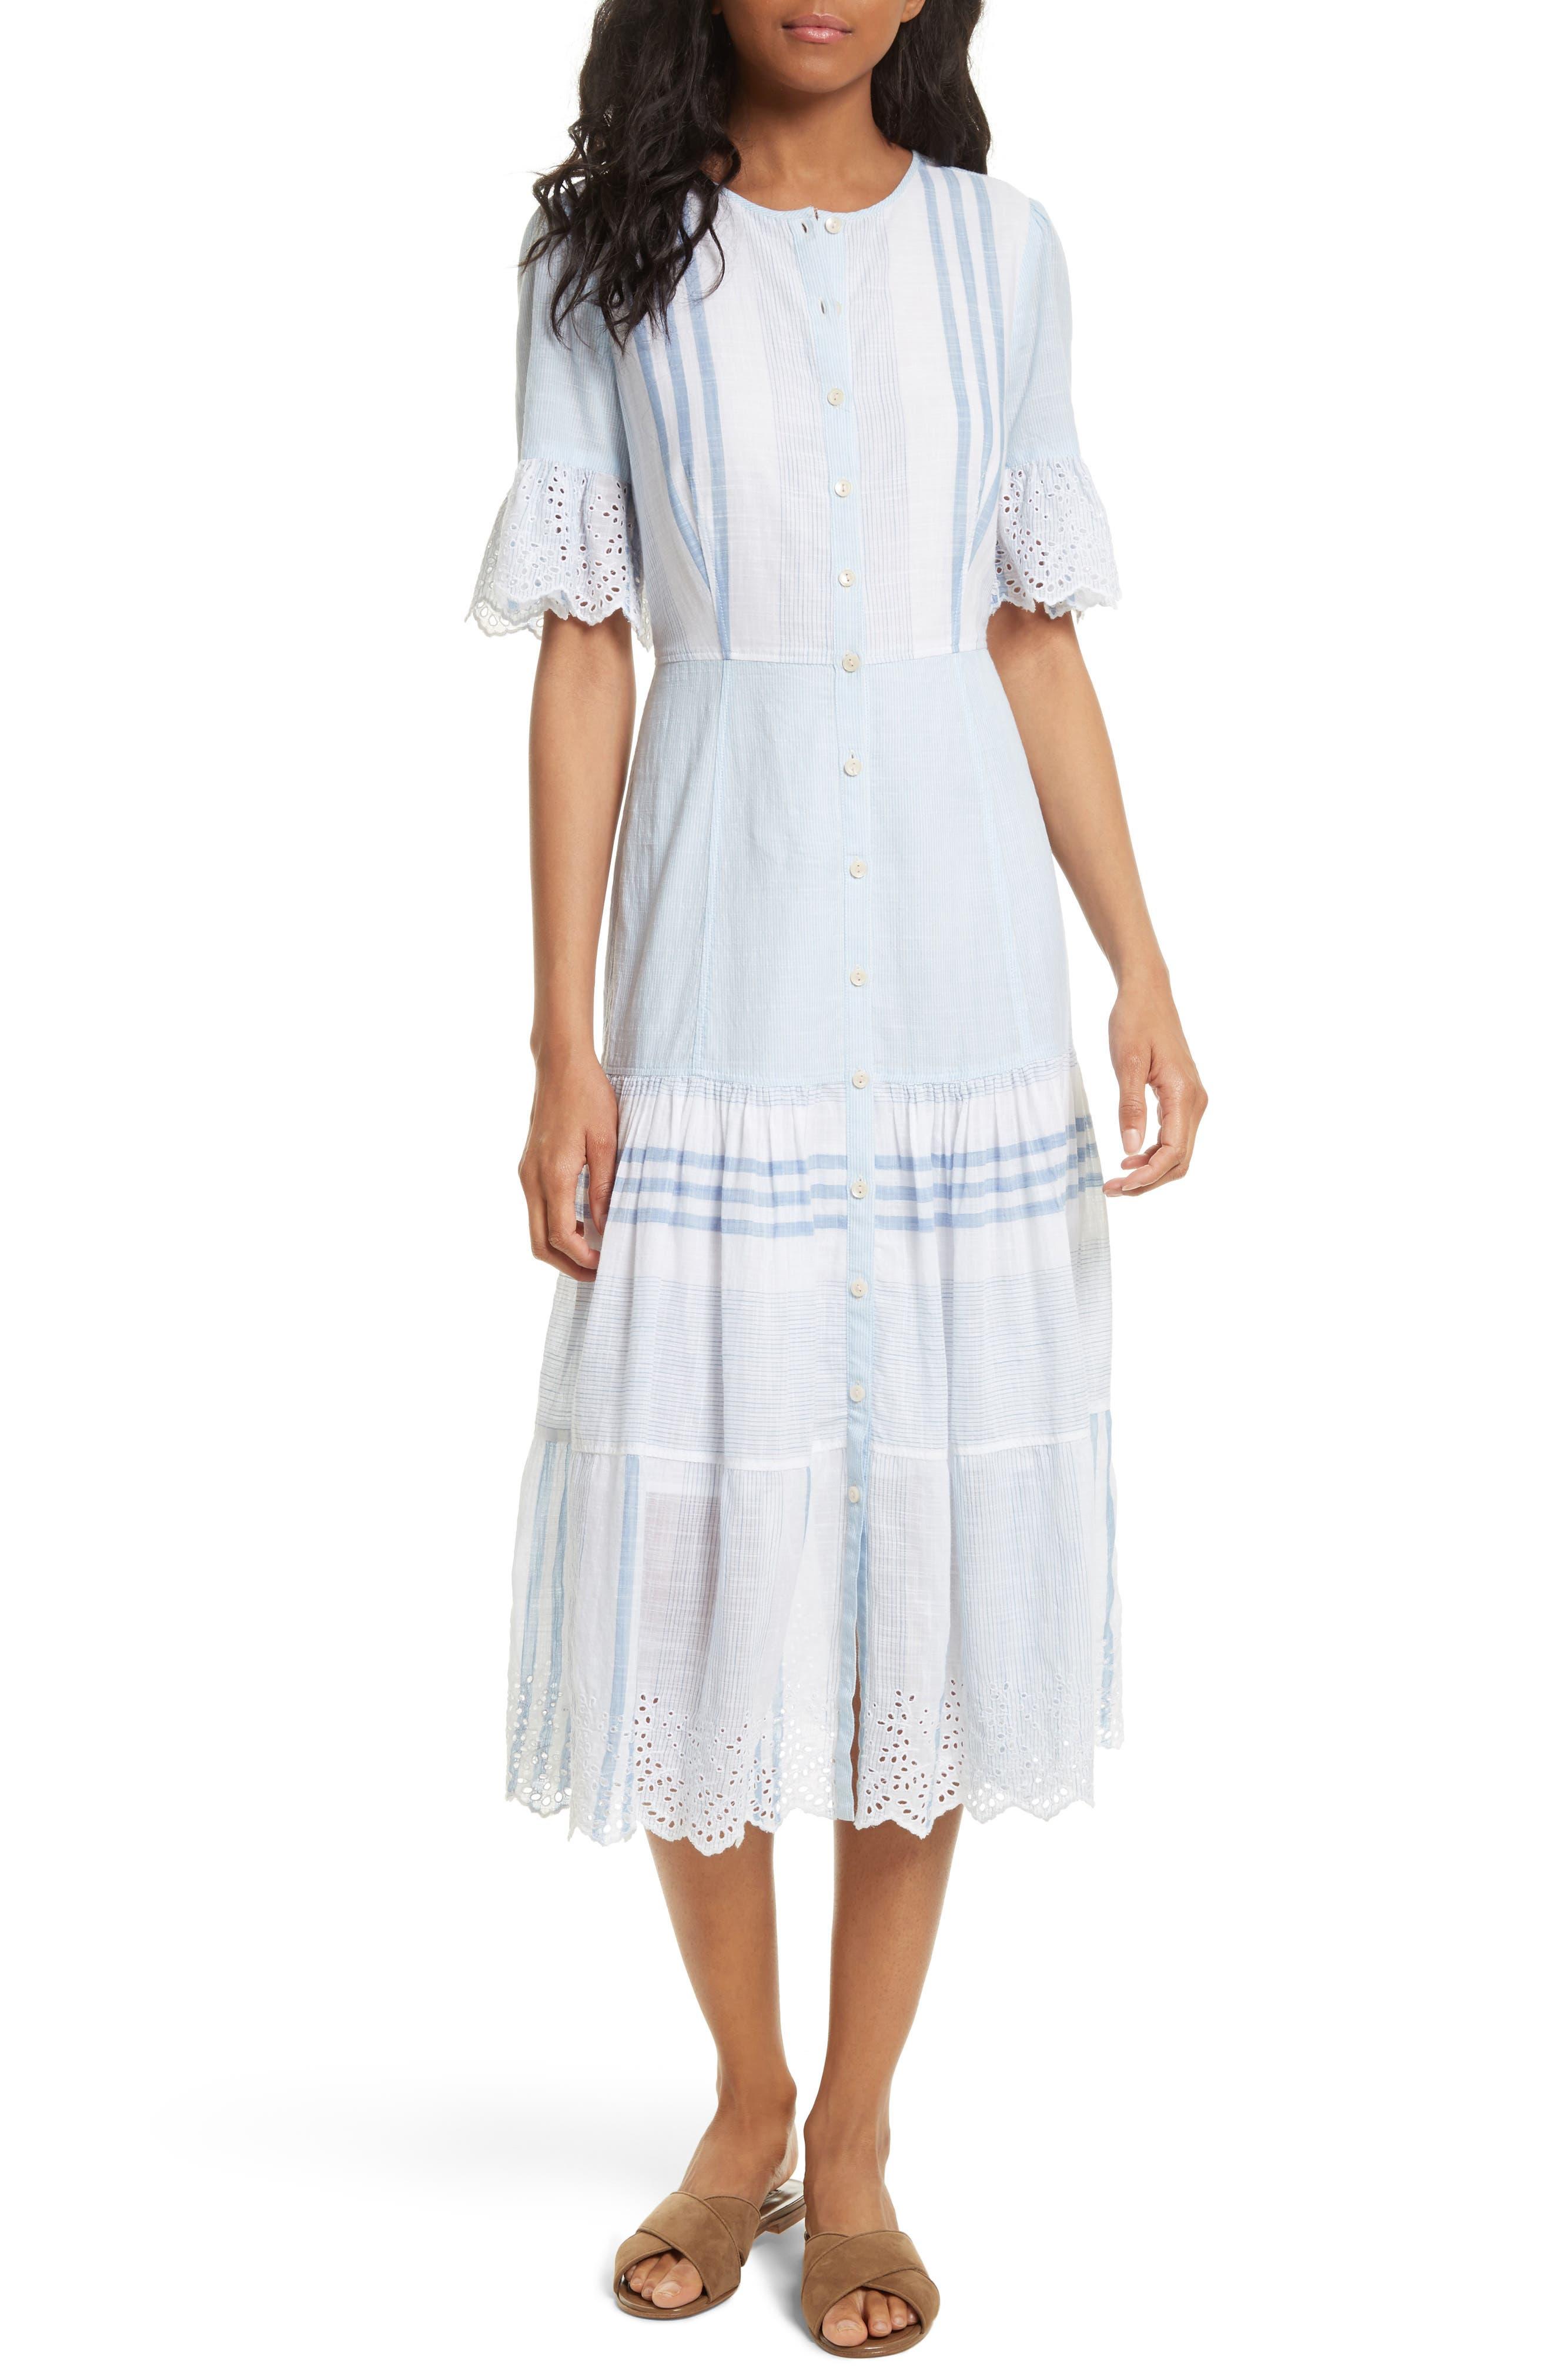 Alternate Image 1 Selected - La Vie Rebecca Taylor Stripe Cotton Midi Dress